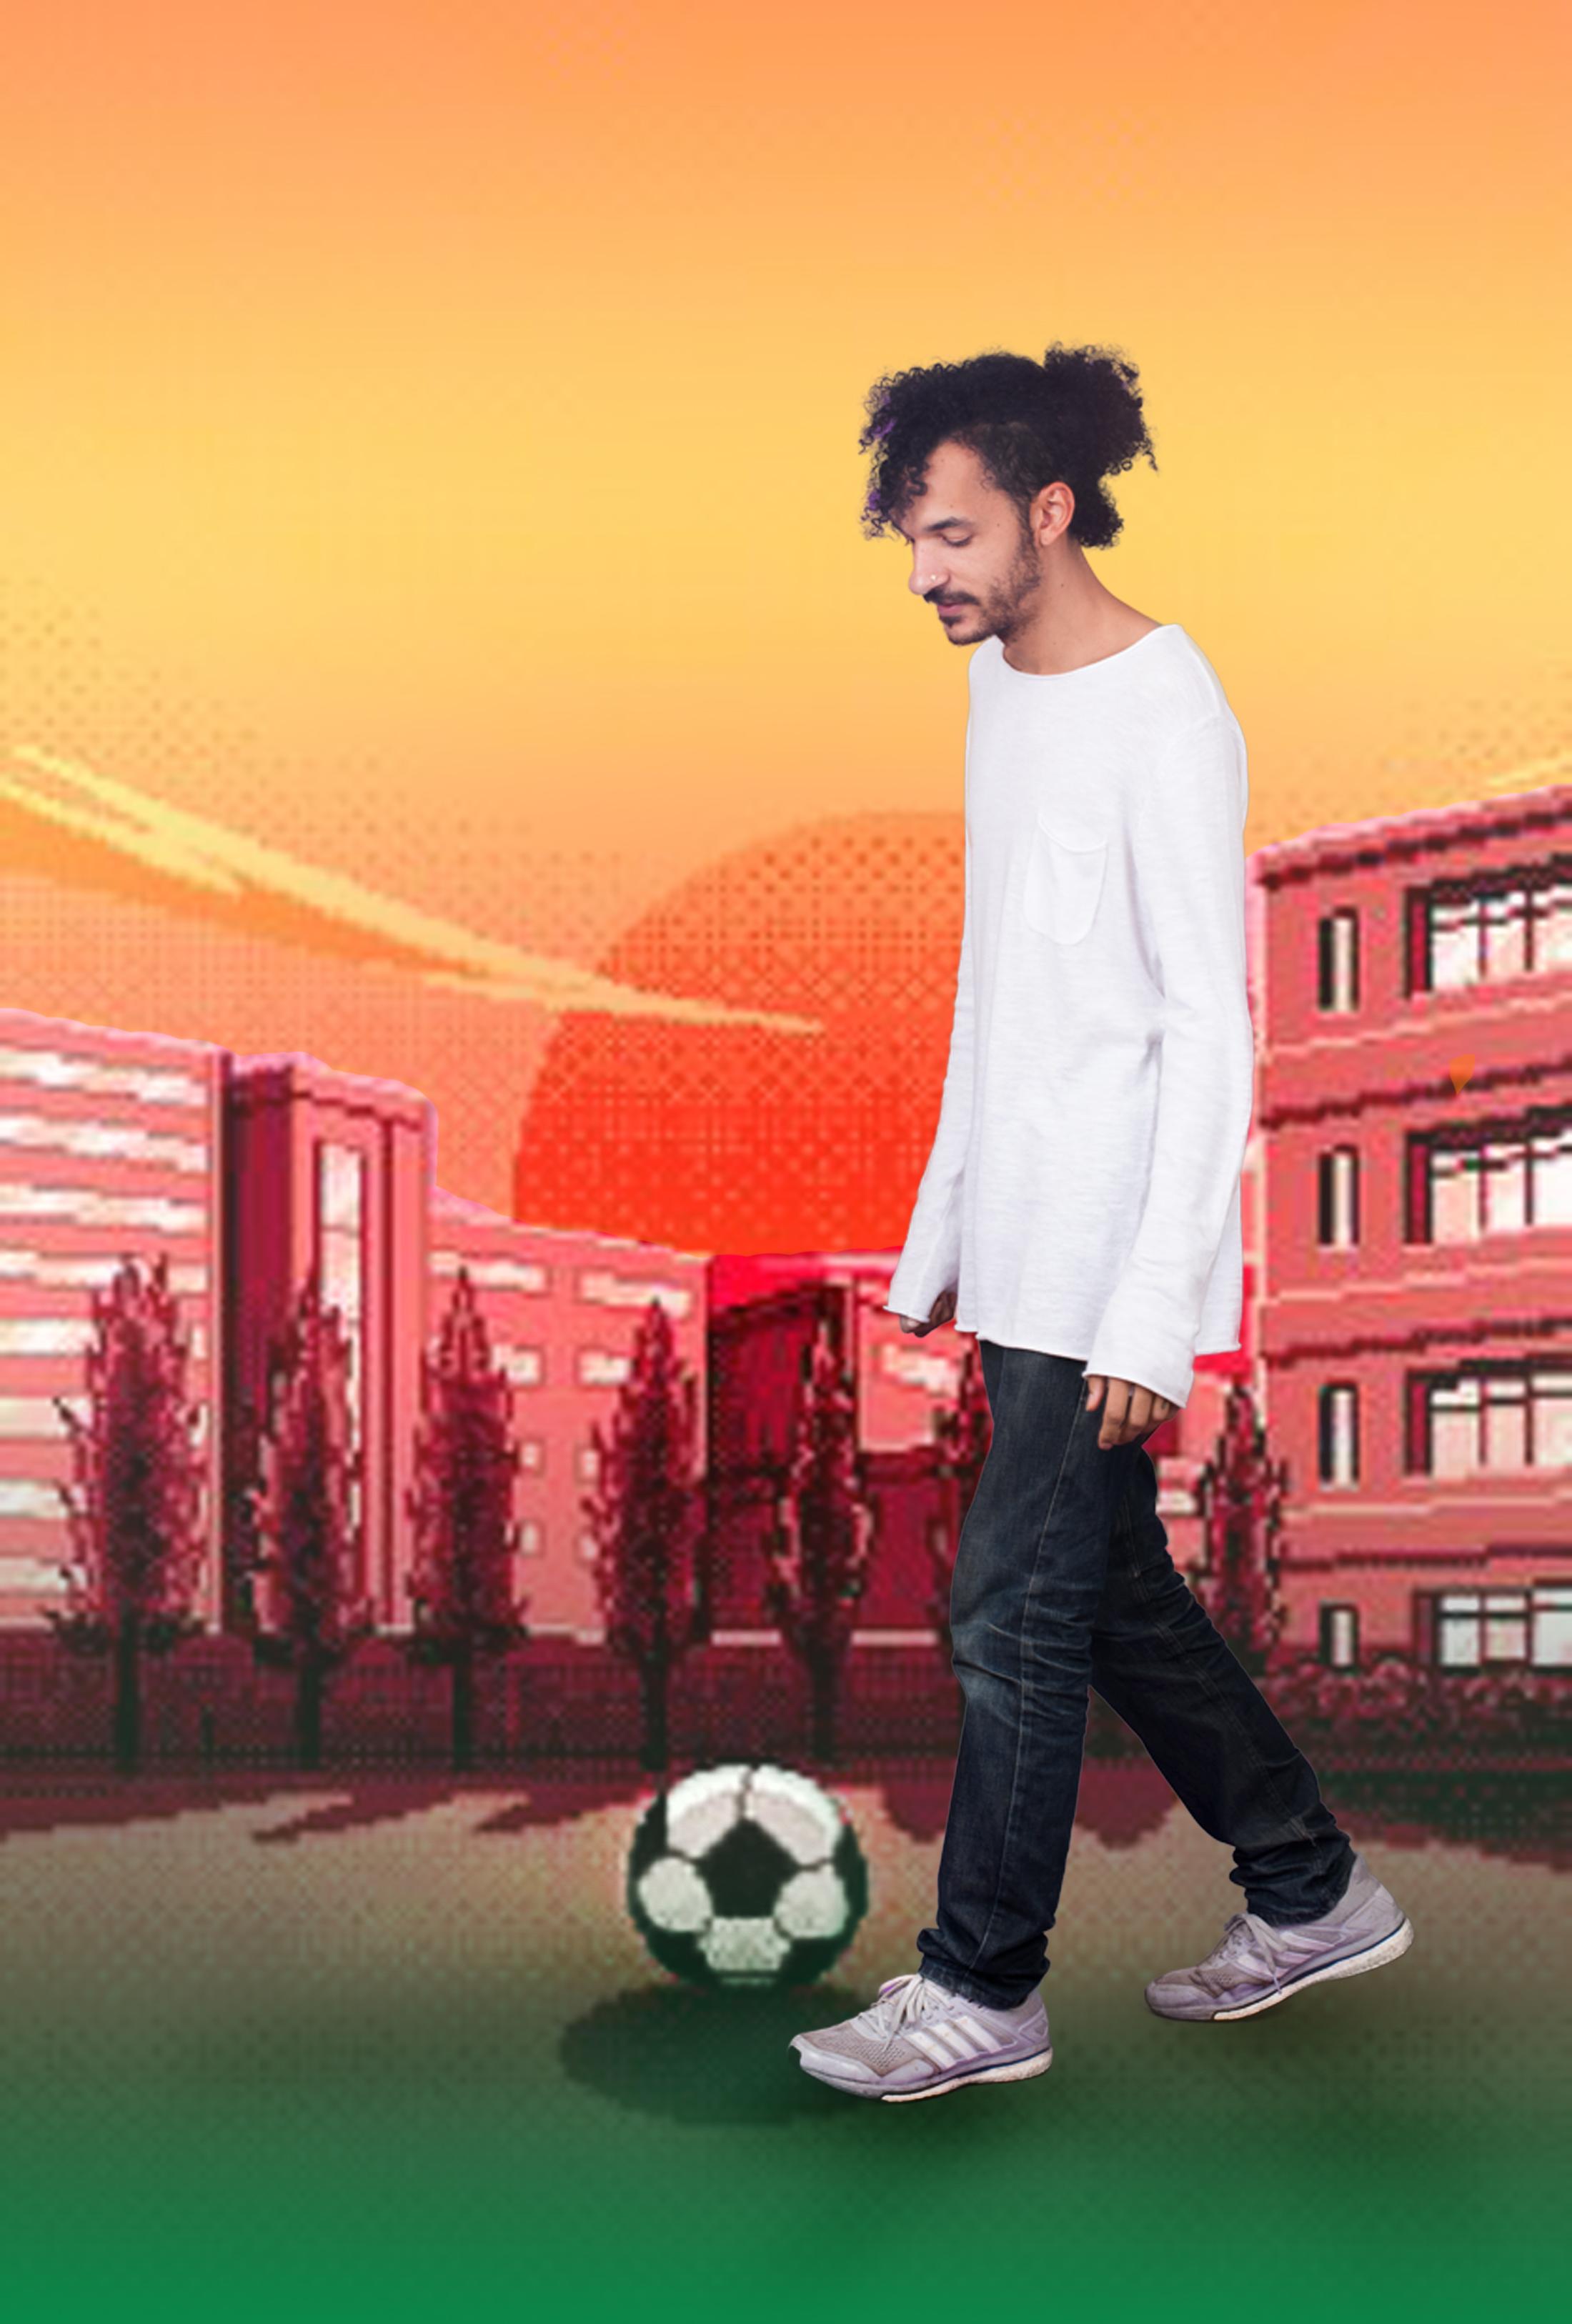 soccermaal.jpg